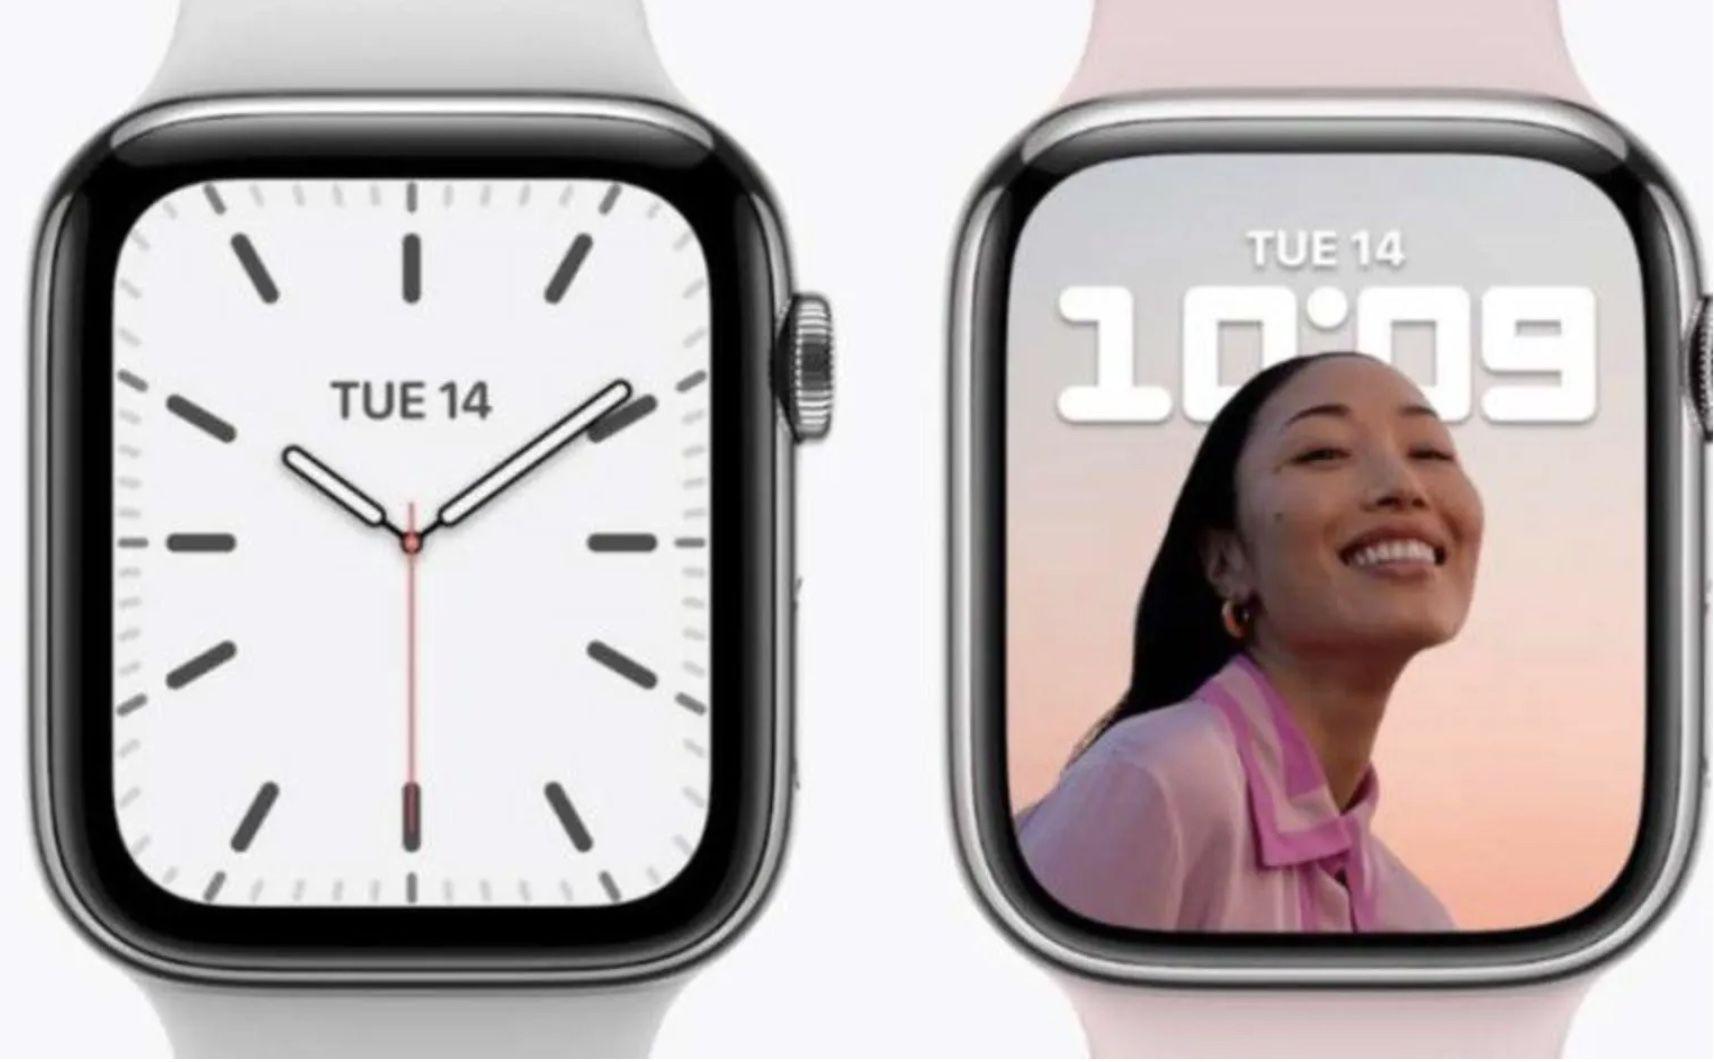 Das sind die Neuigkeiten der Apple Keynote zu iPhone 13, Apple Watch 7 und den neuen iPads